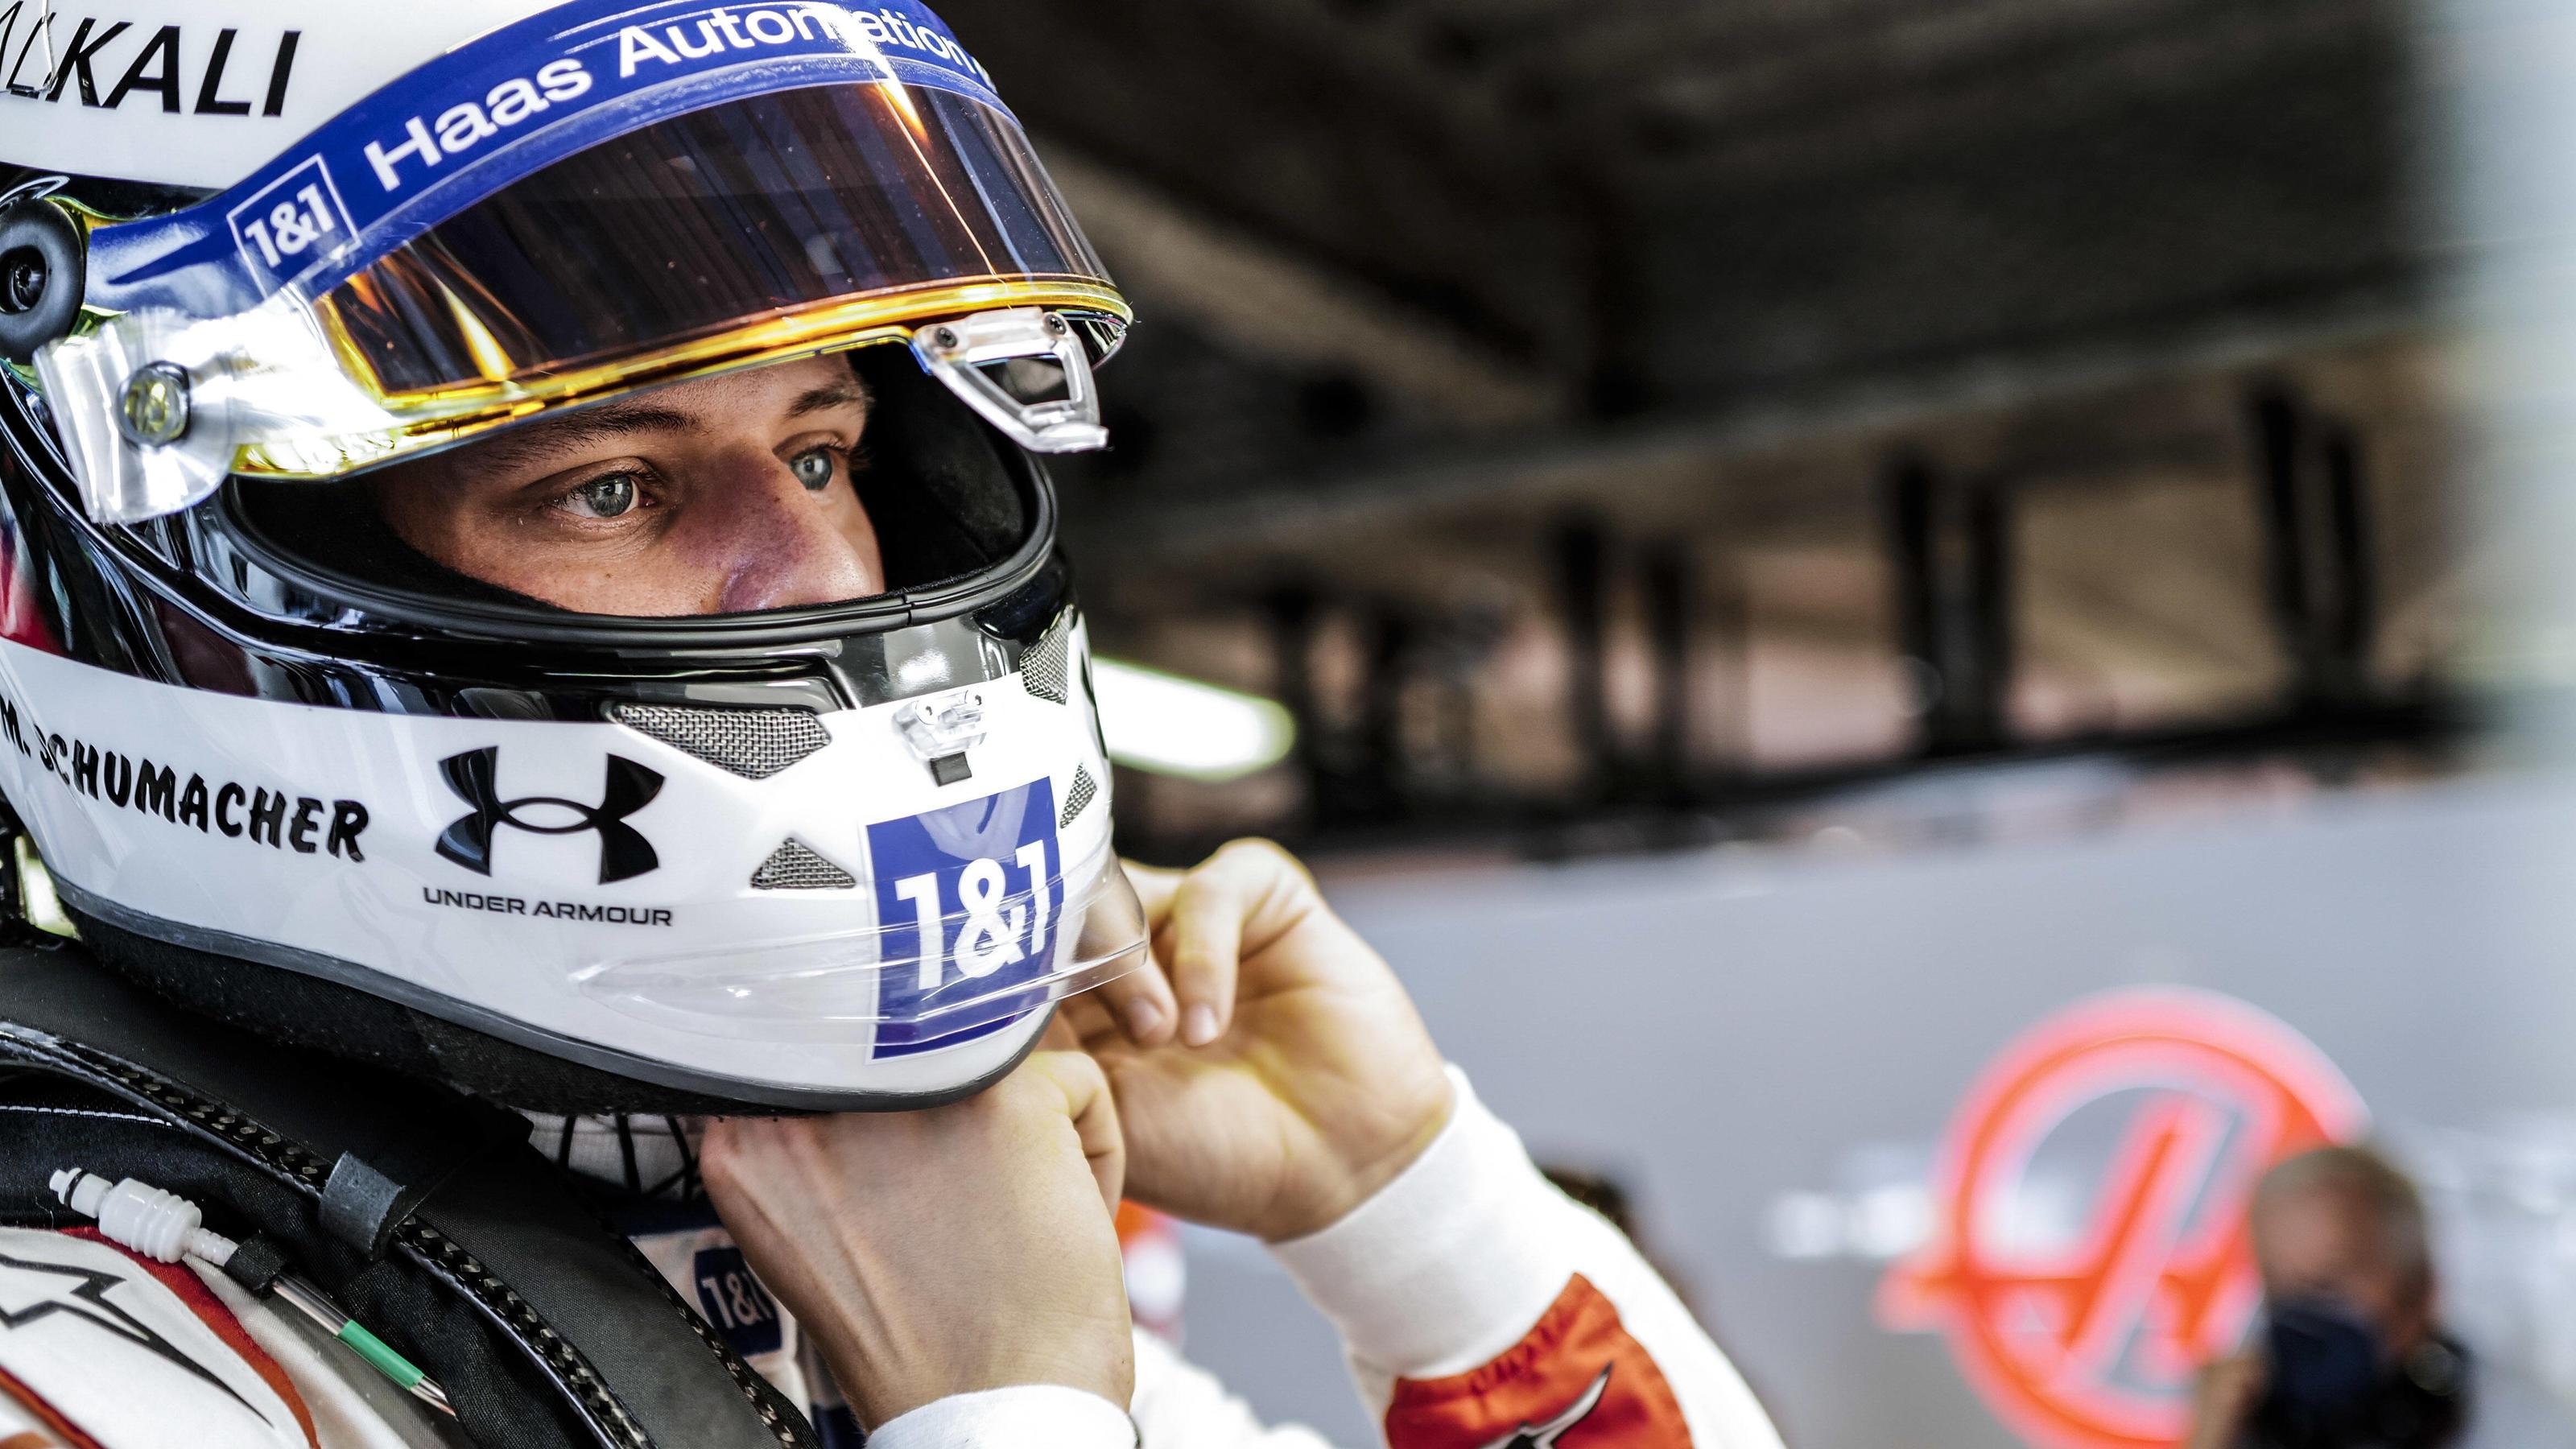 """Formel 1 - Offiziell: Mick Schumacher sitzt auch 2022 im Haas - """"Glaube daran, dass wir um Punkte kämpfen können"""""""